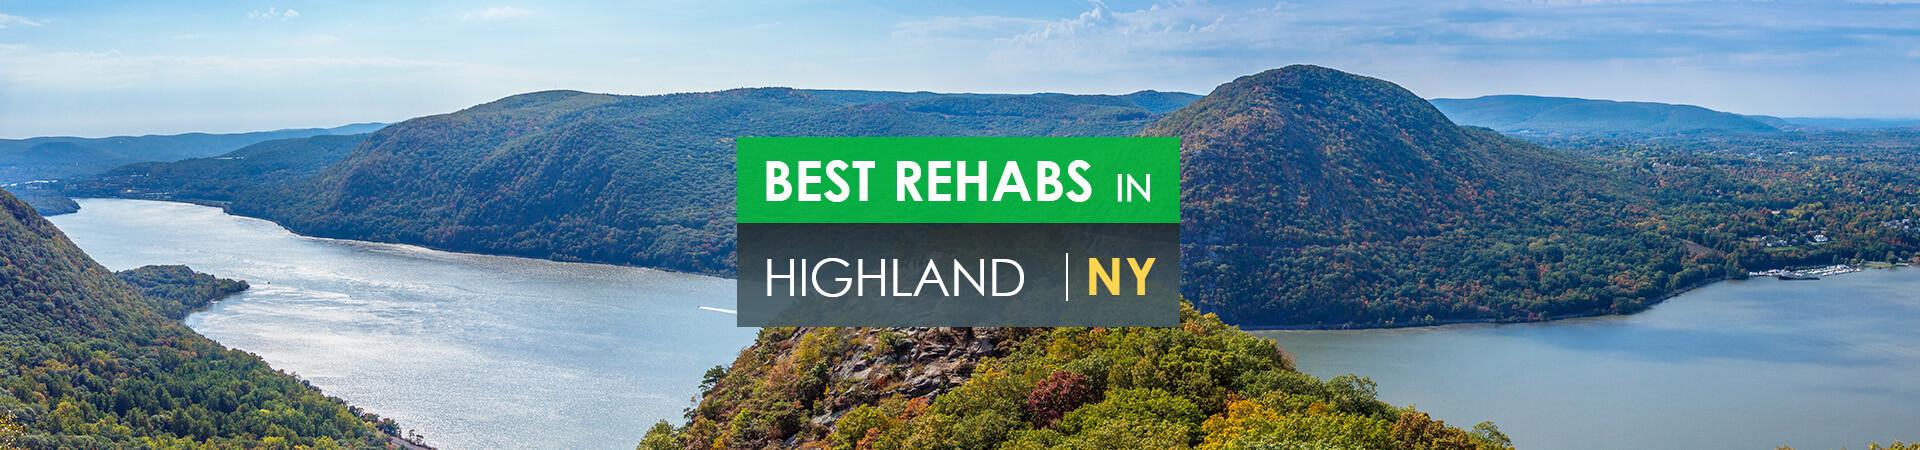 Best rehabs in Highland, NY